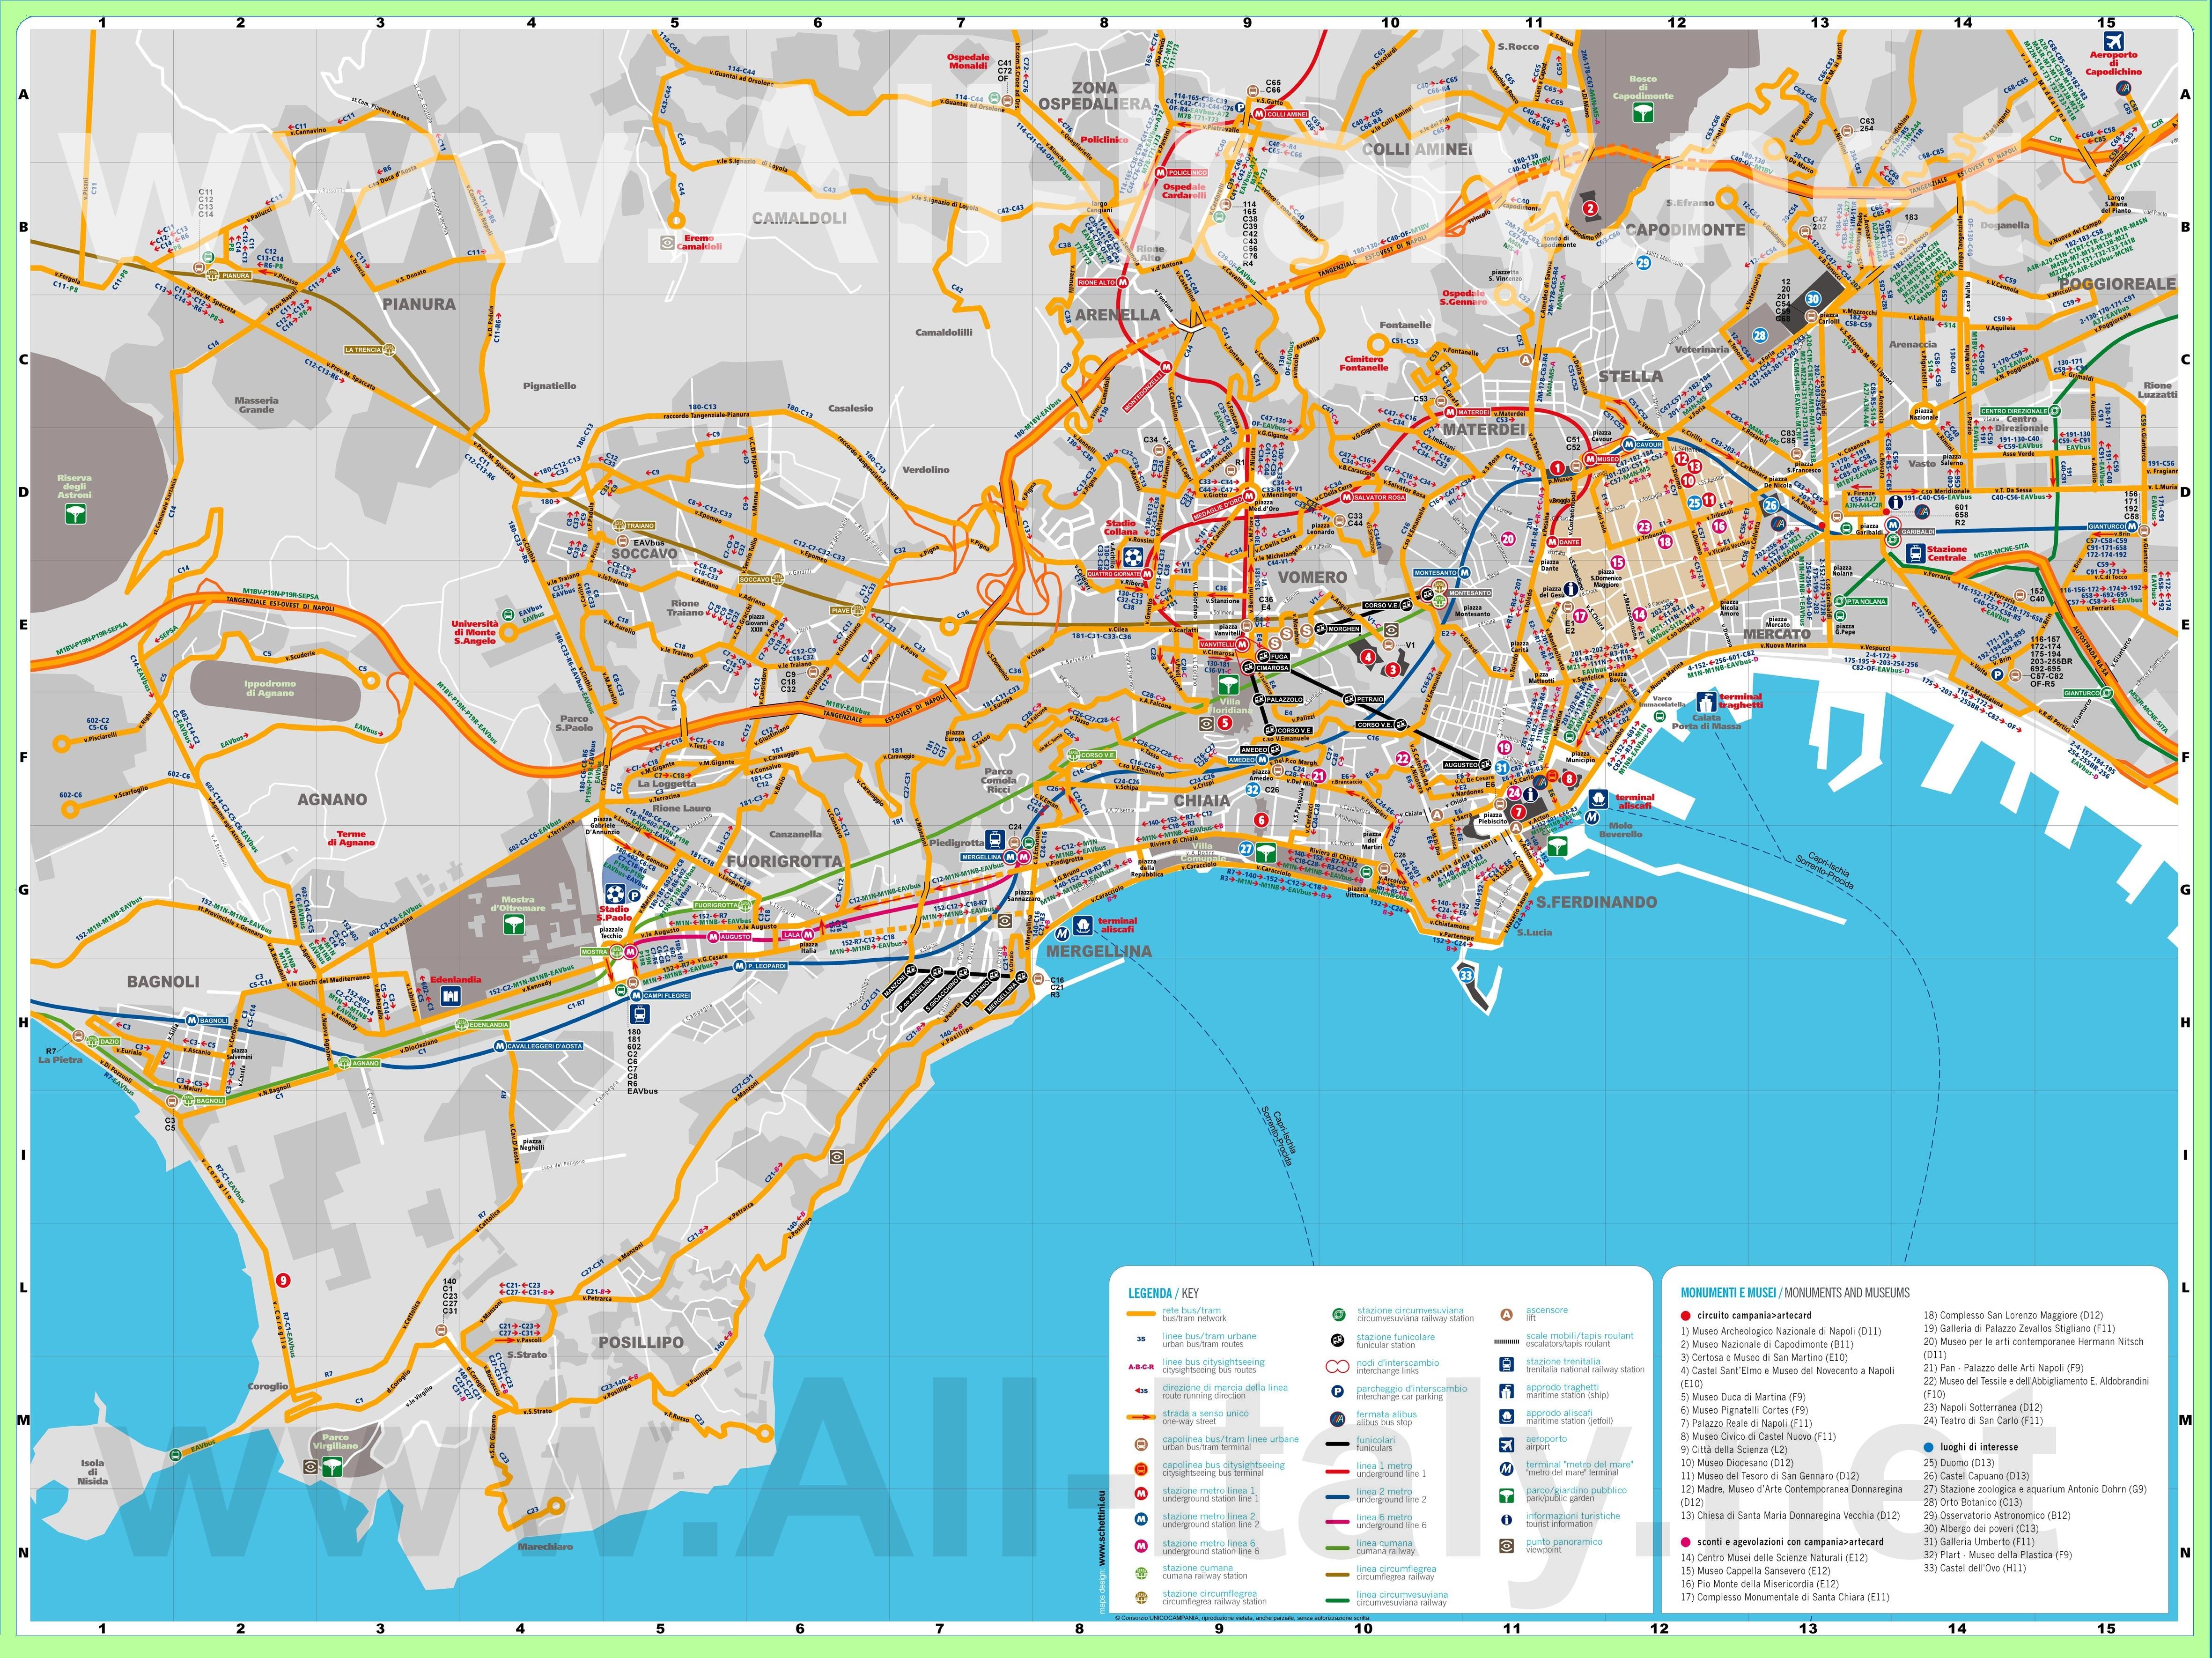 Подробная карта города Неаполь